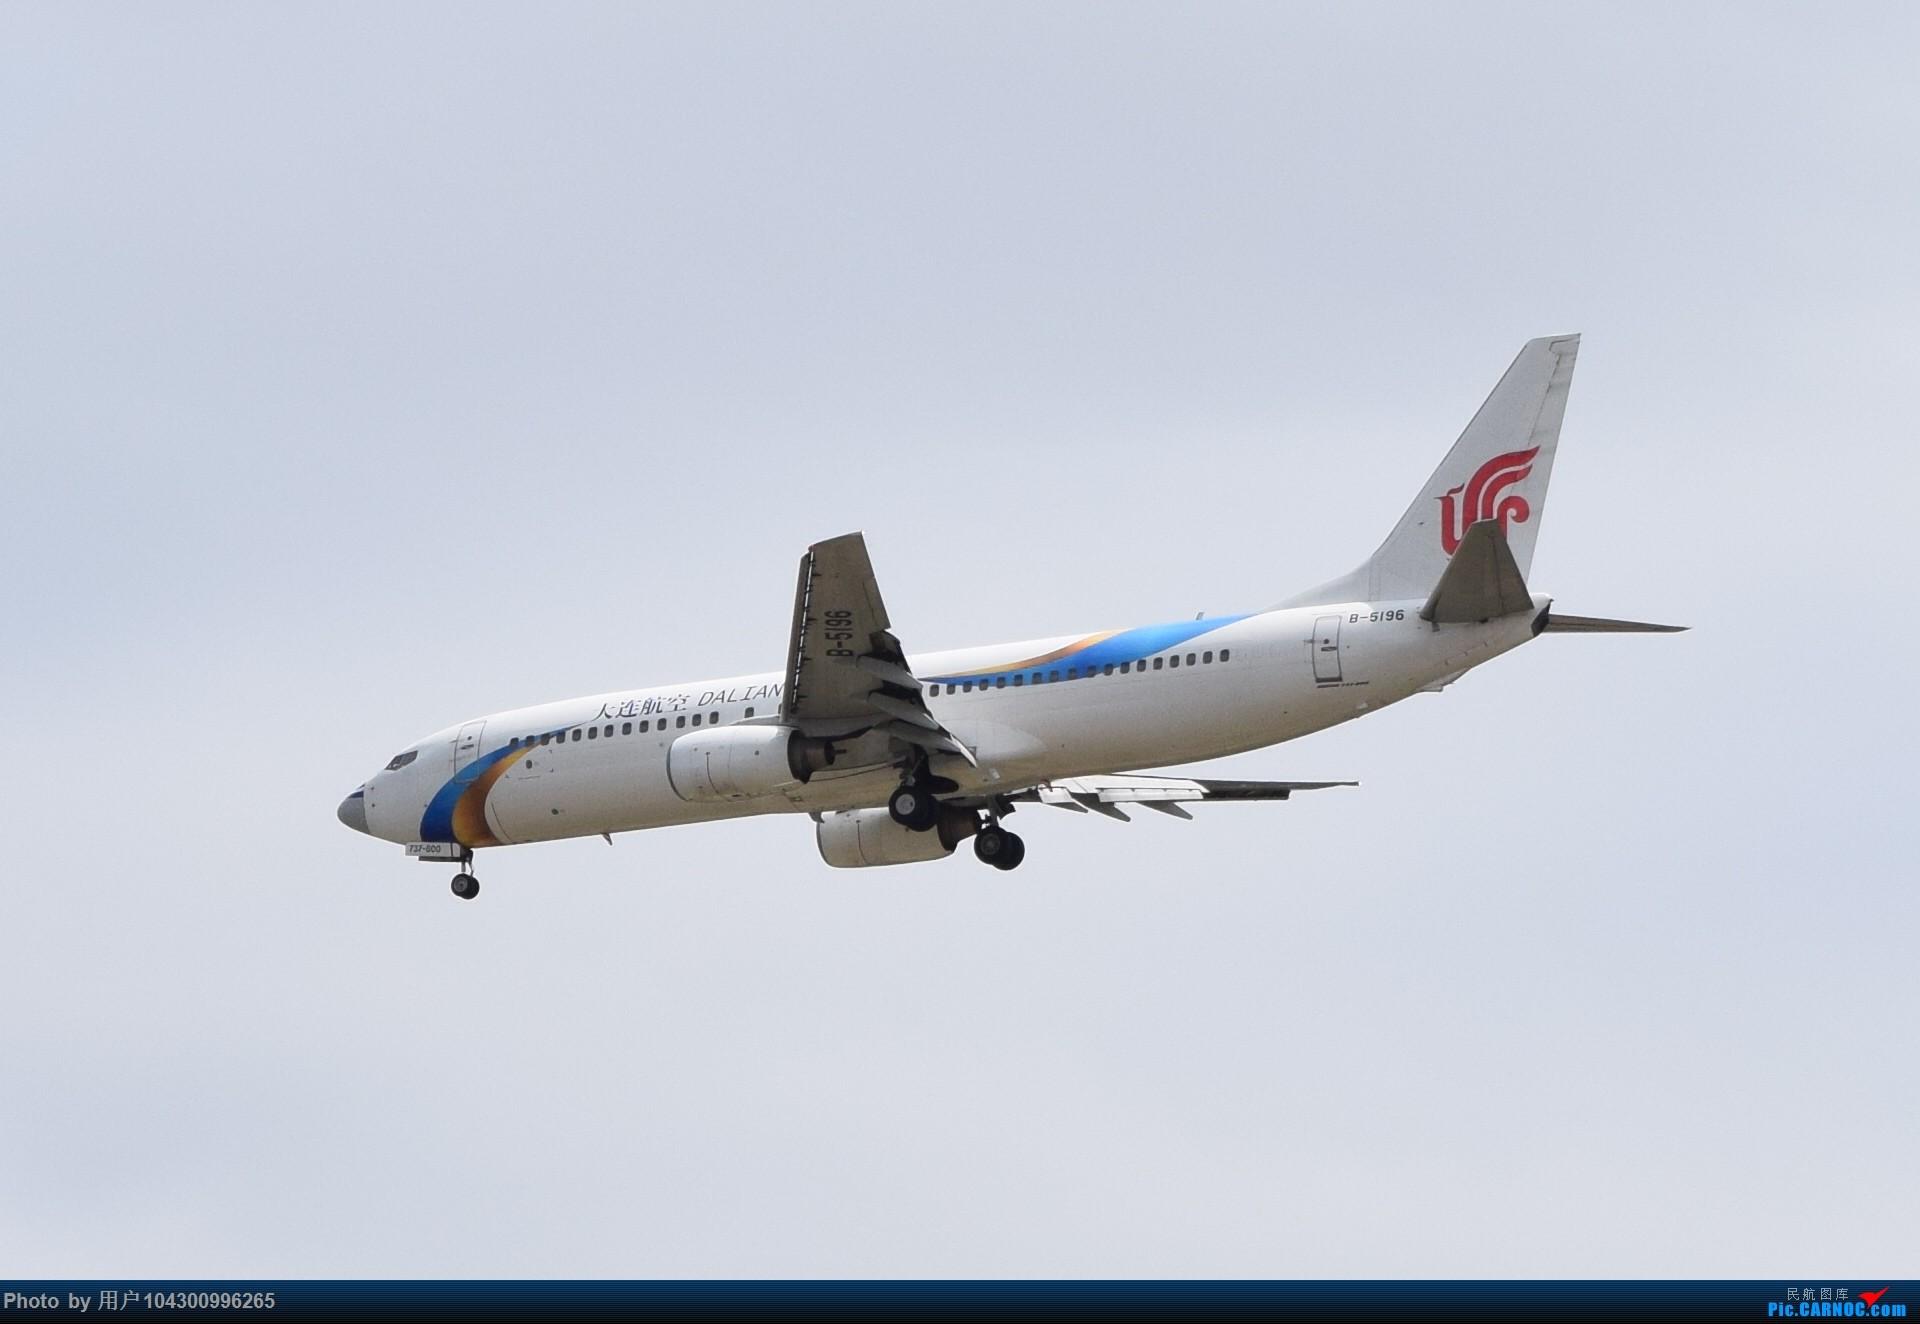 Re:[原创]贵阳龙洞堡杂图一览 BOEING 737-800 B-5196 中国贵阳龙洞堡国际机场